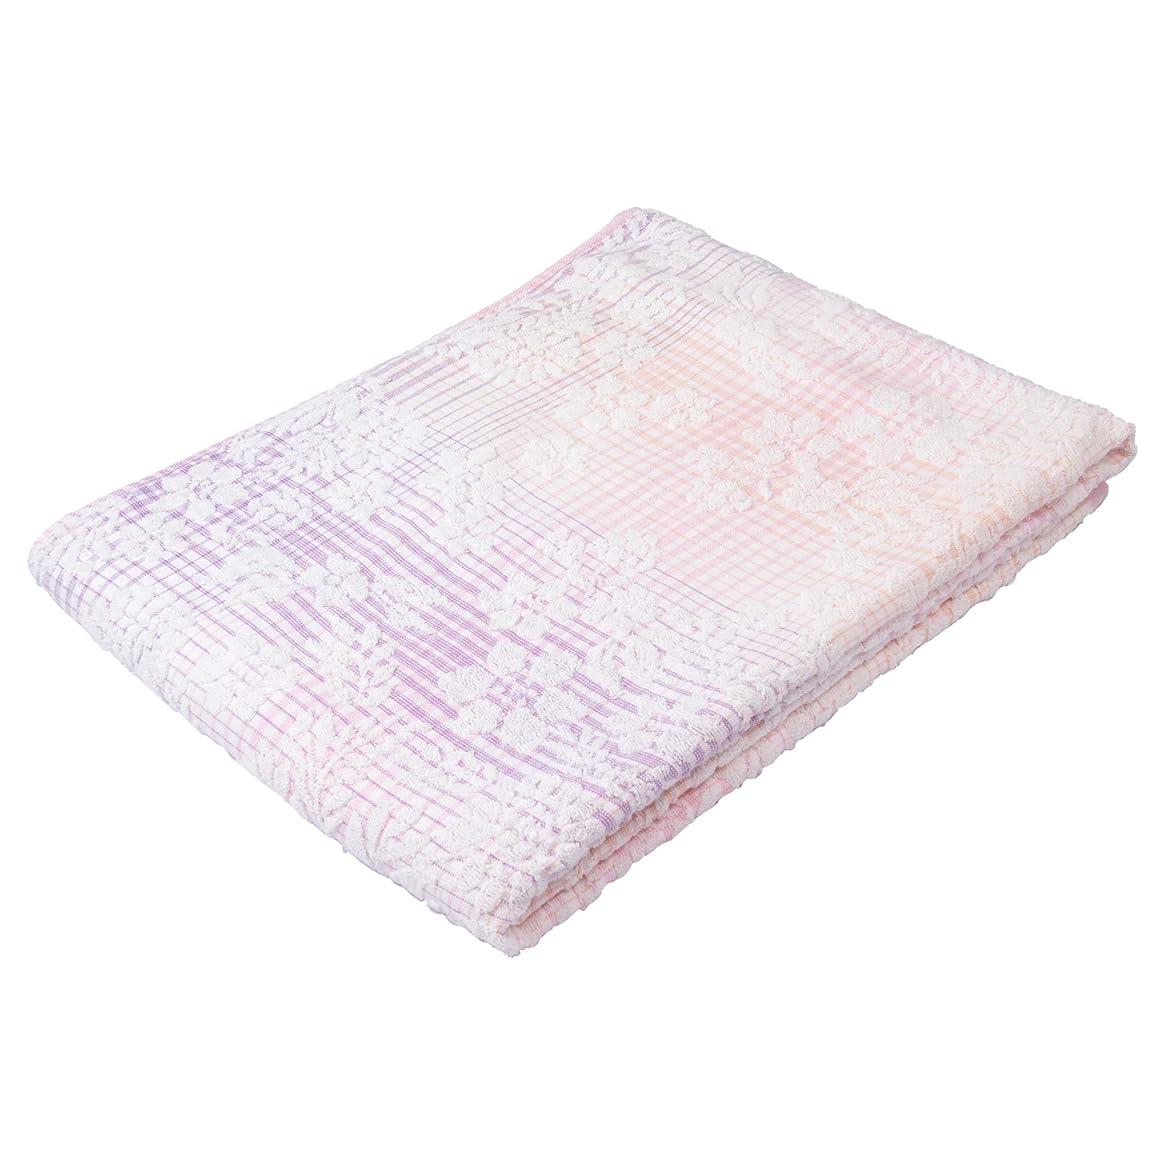 昆虫を見るリマーク引き受ける西川(Nishikawa) タオルケット ピンク シングル 綿100% ふわふわパイル グラデーション マイモデル RR09030000P